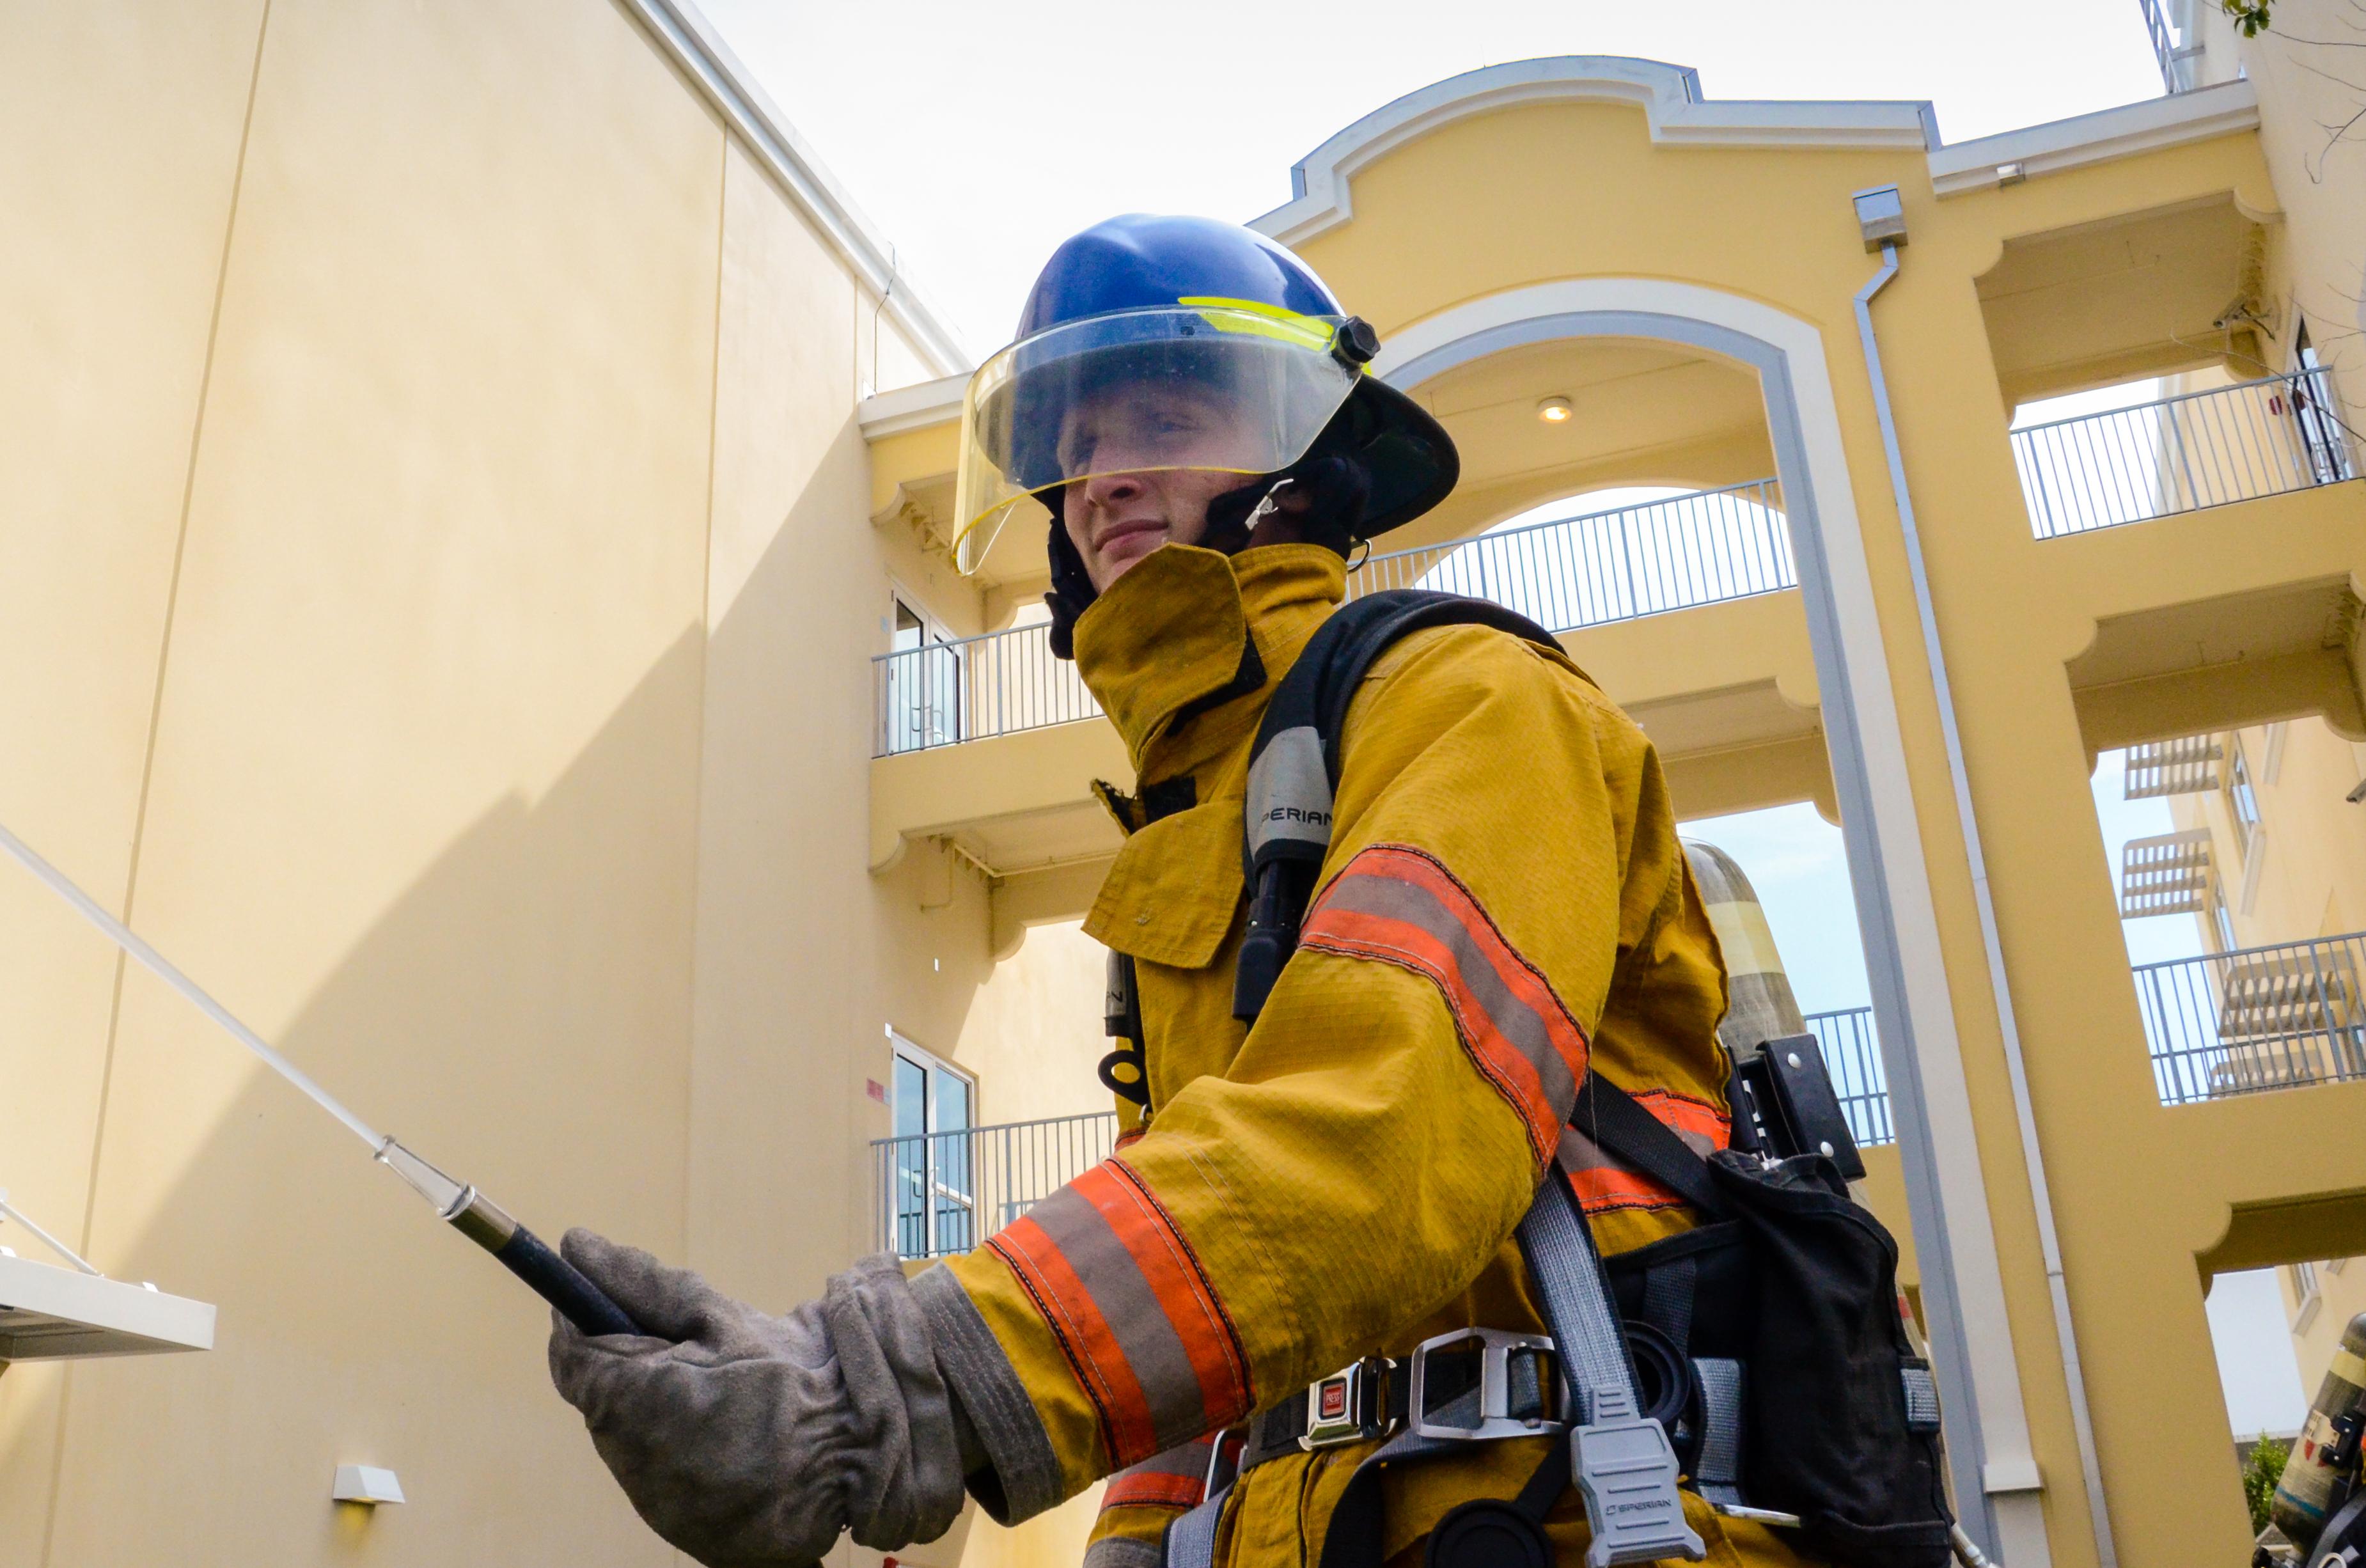 ビルの横にある消防士の写真